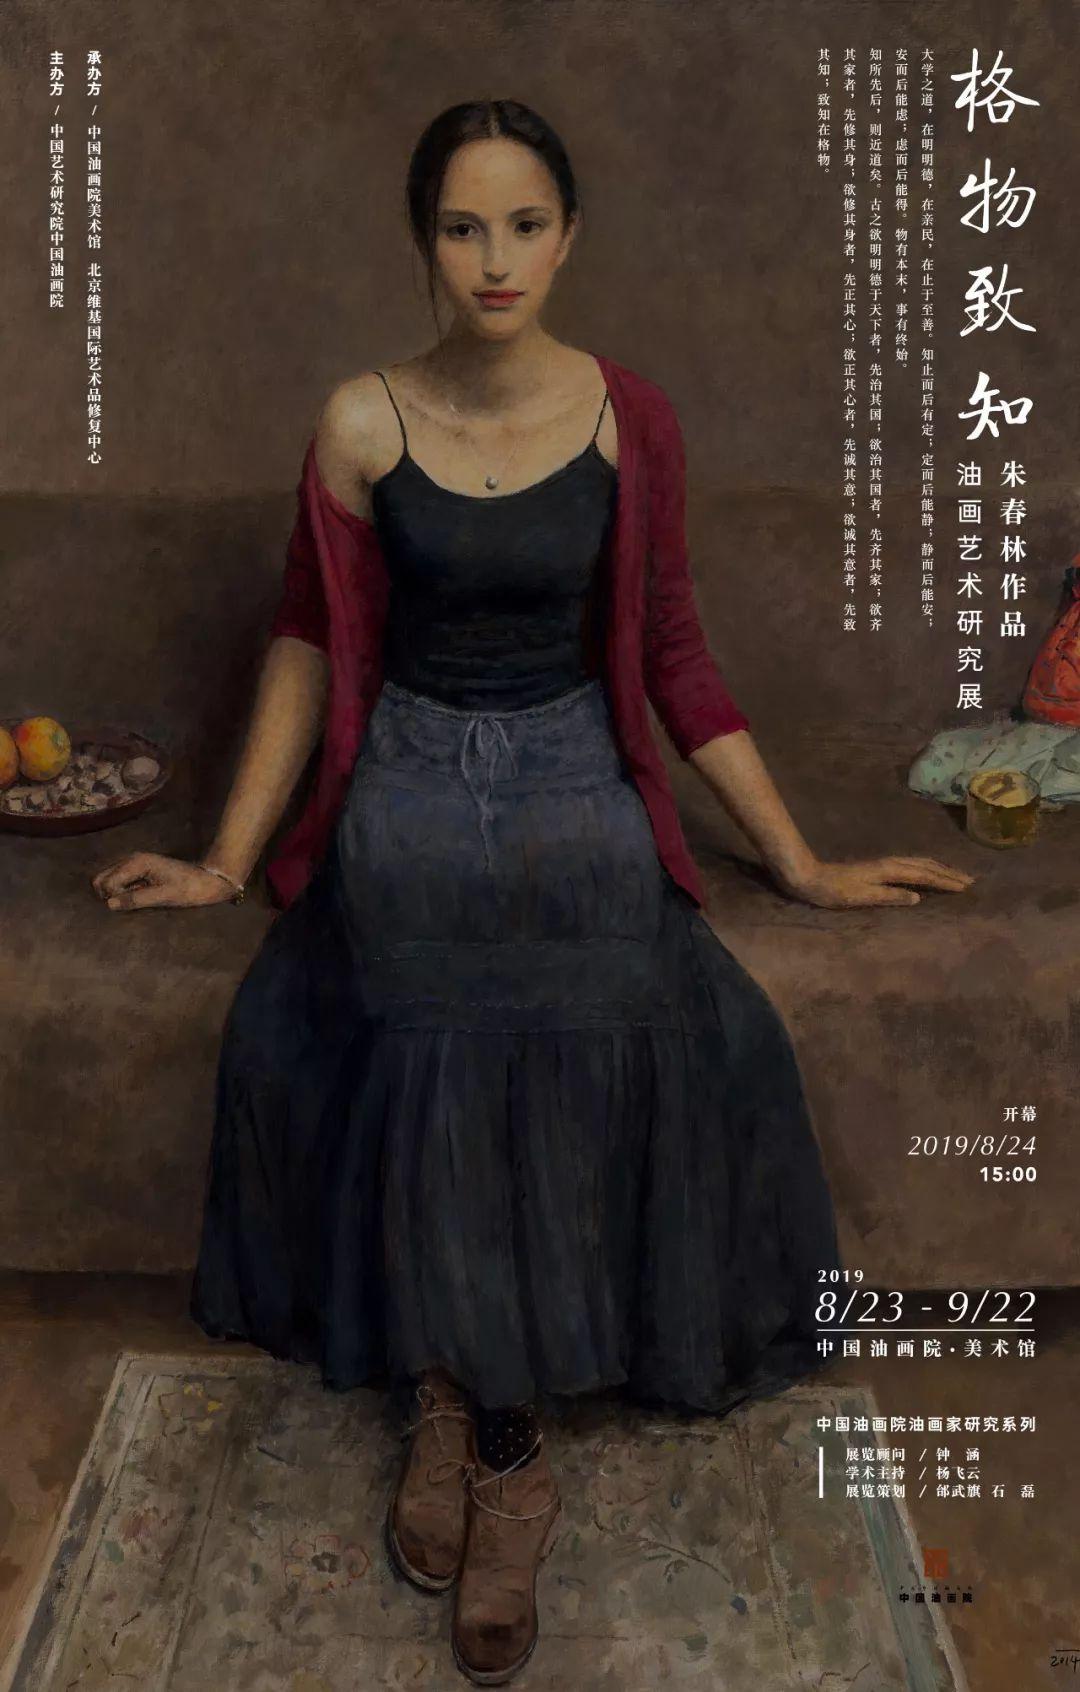 展览 | 格物致知——朱春林油画研究展  艺术相关  第1张